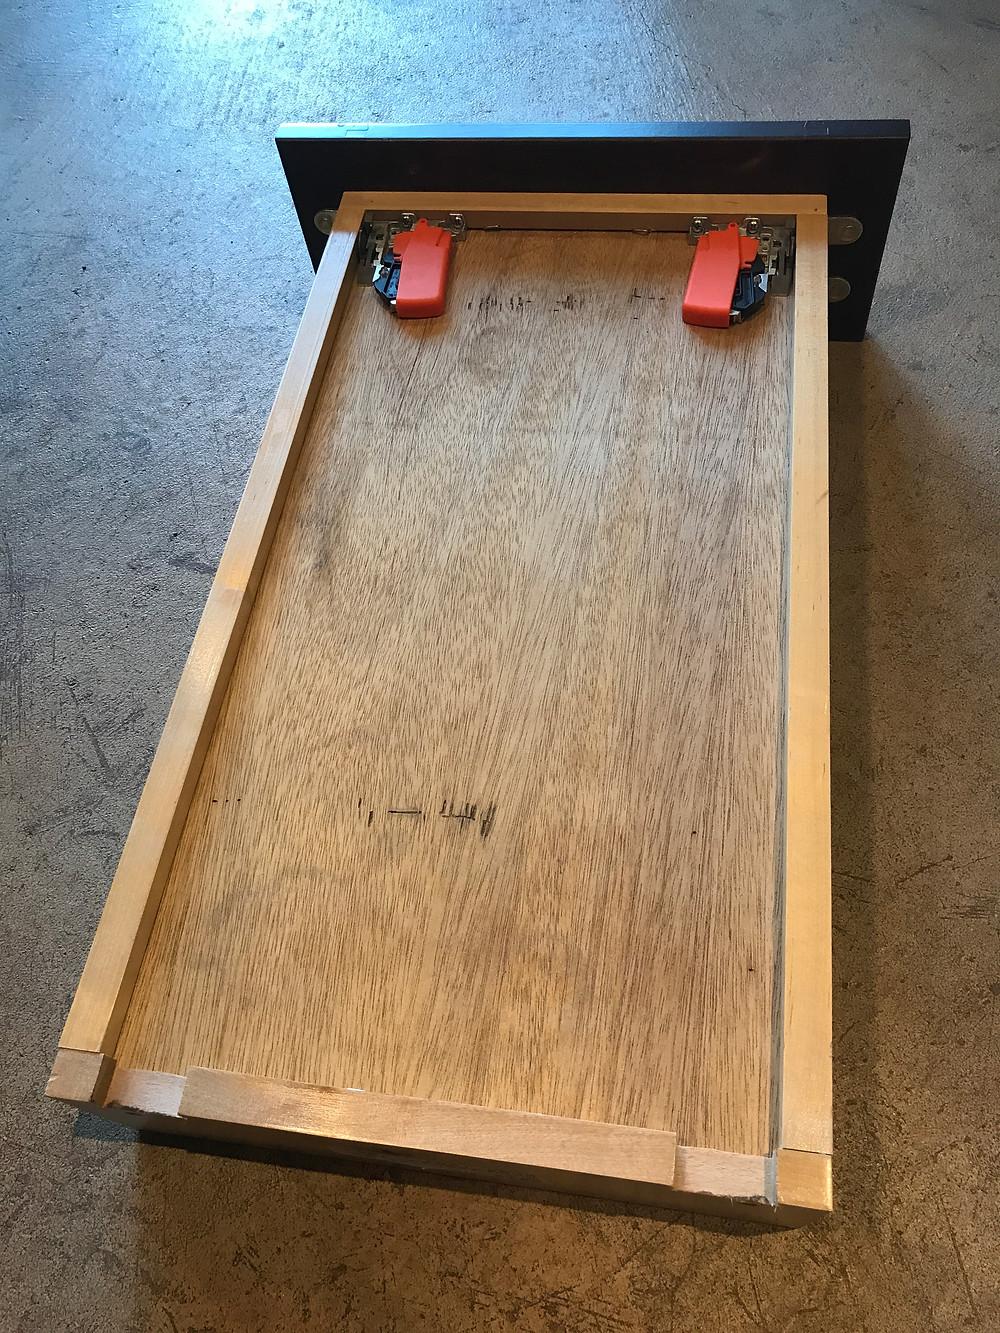 Fully encaptured drawer box bottom